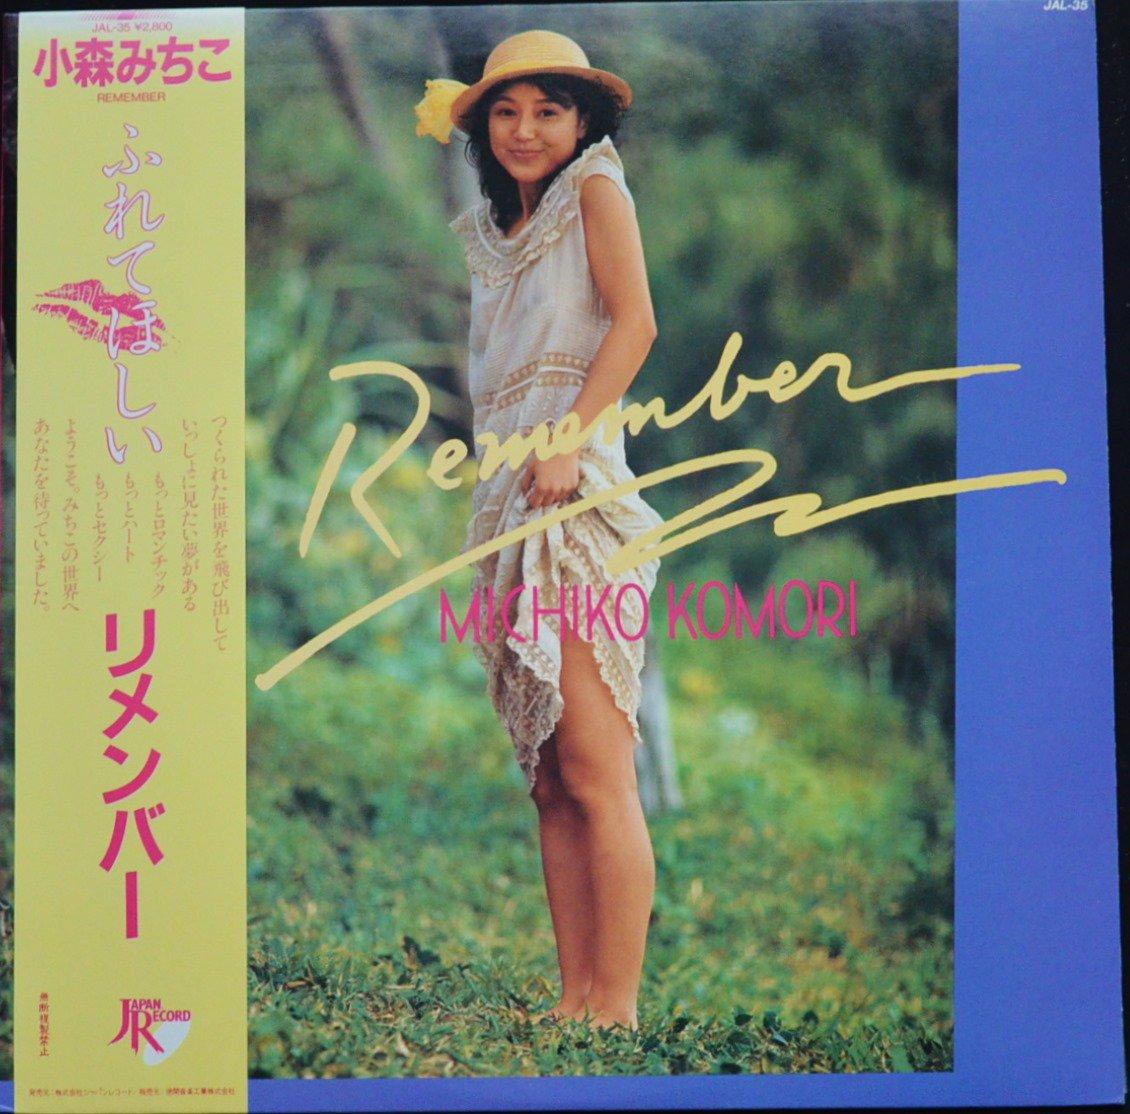 小森みちこ MICHIKO KOMORI / リメンバー REMEMBER (LP)